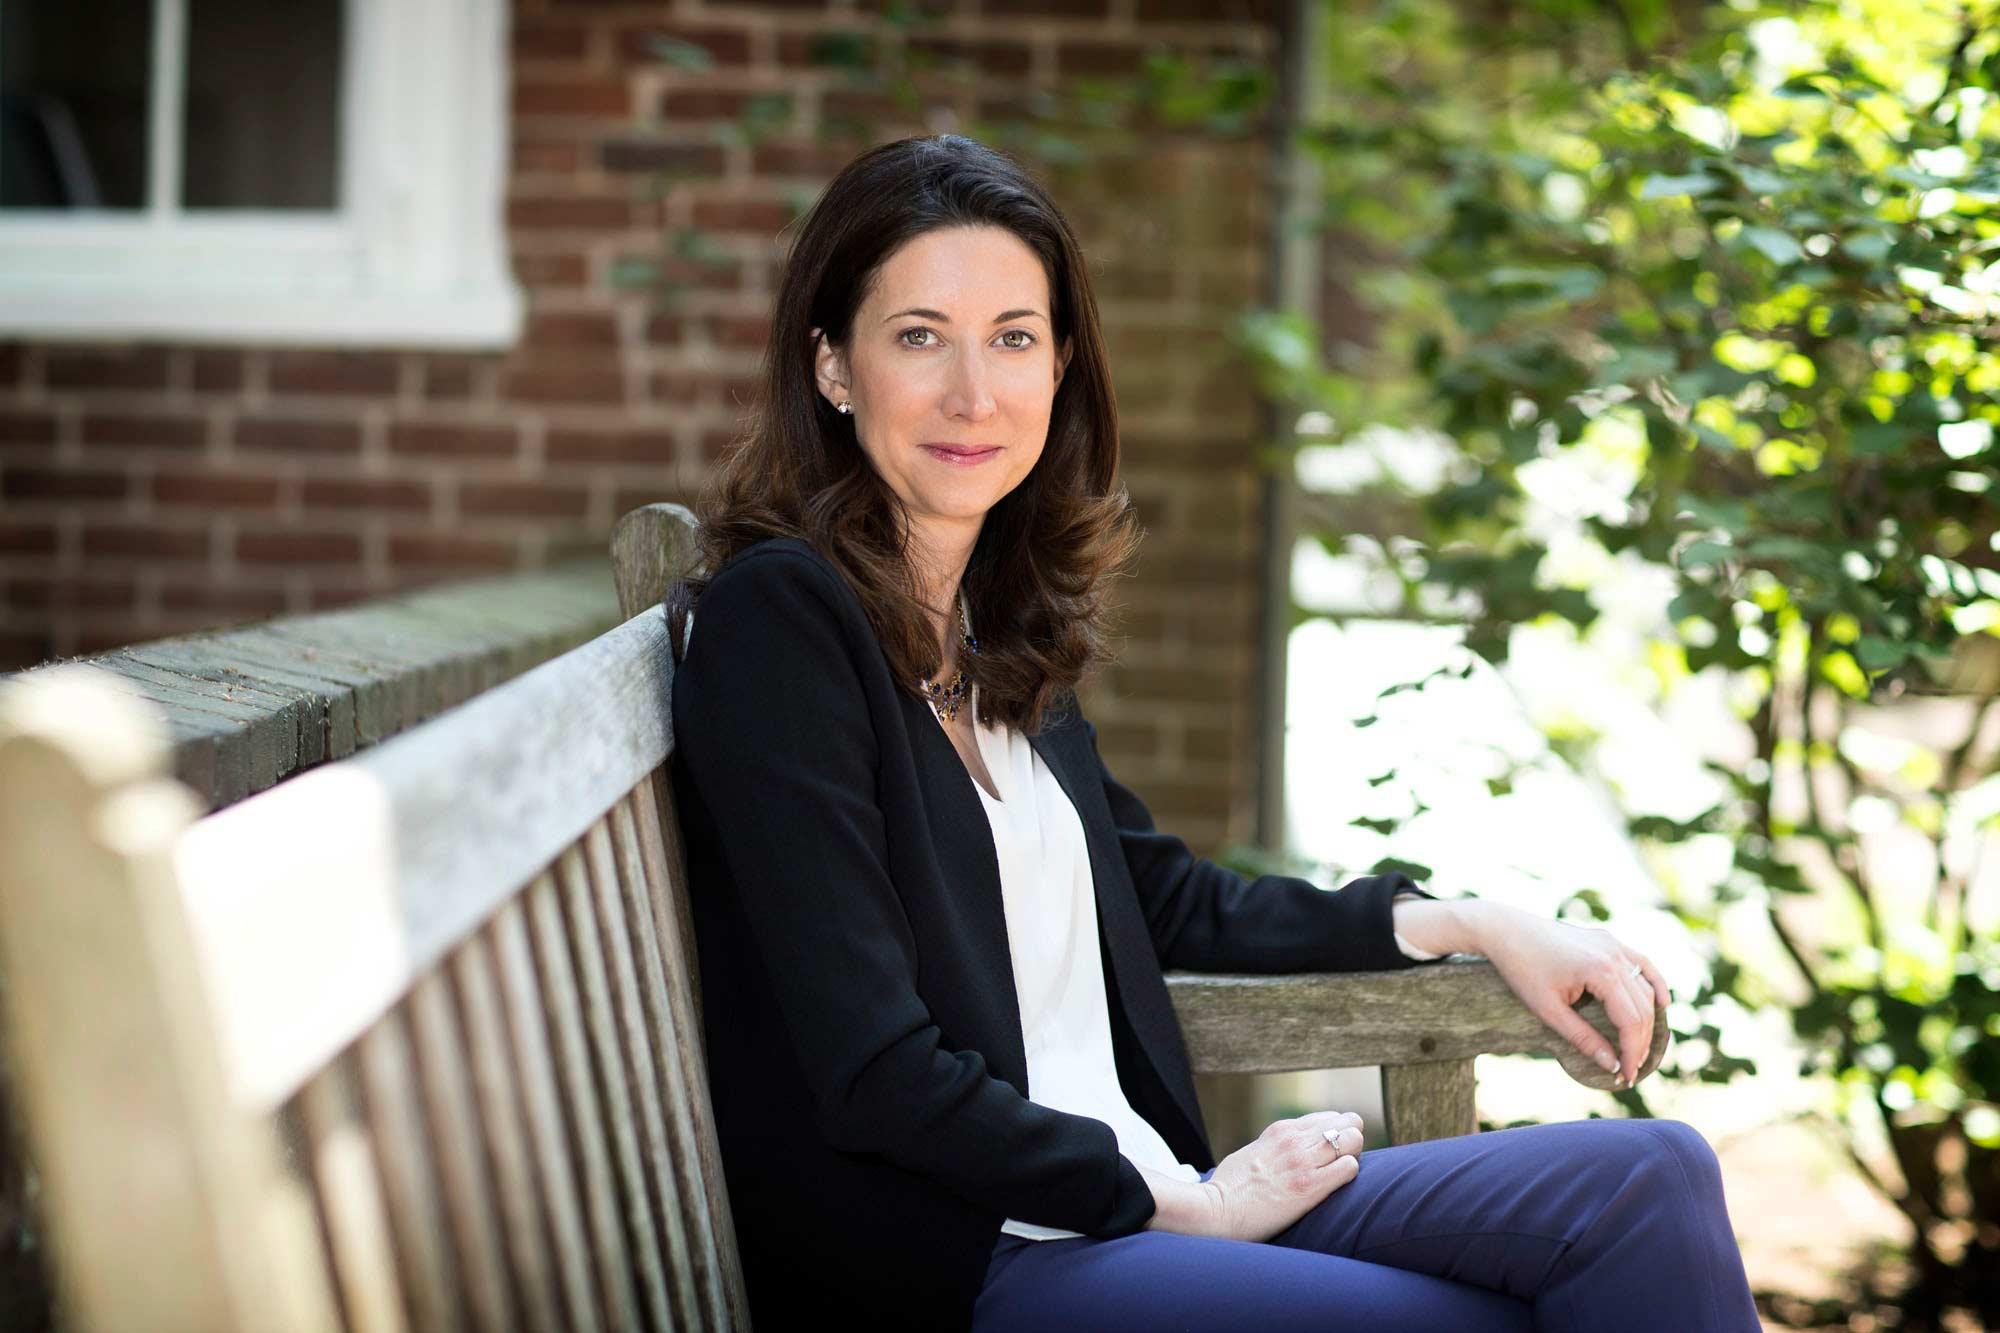 Amanda Cowen